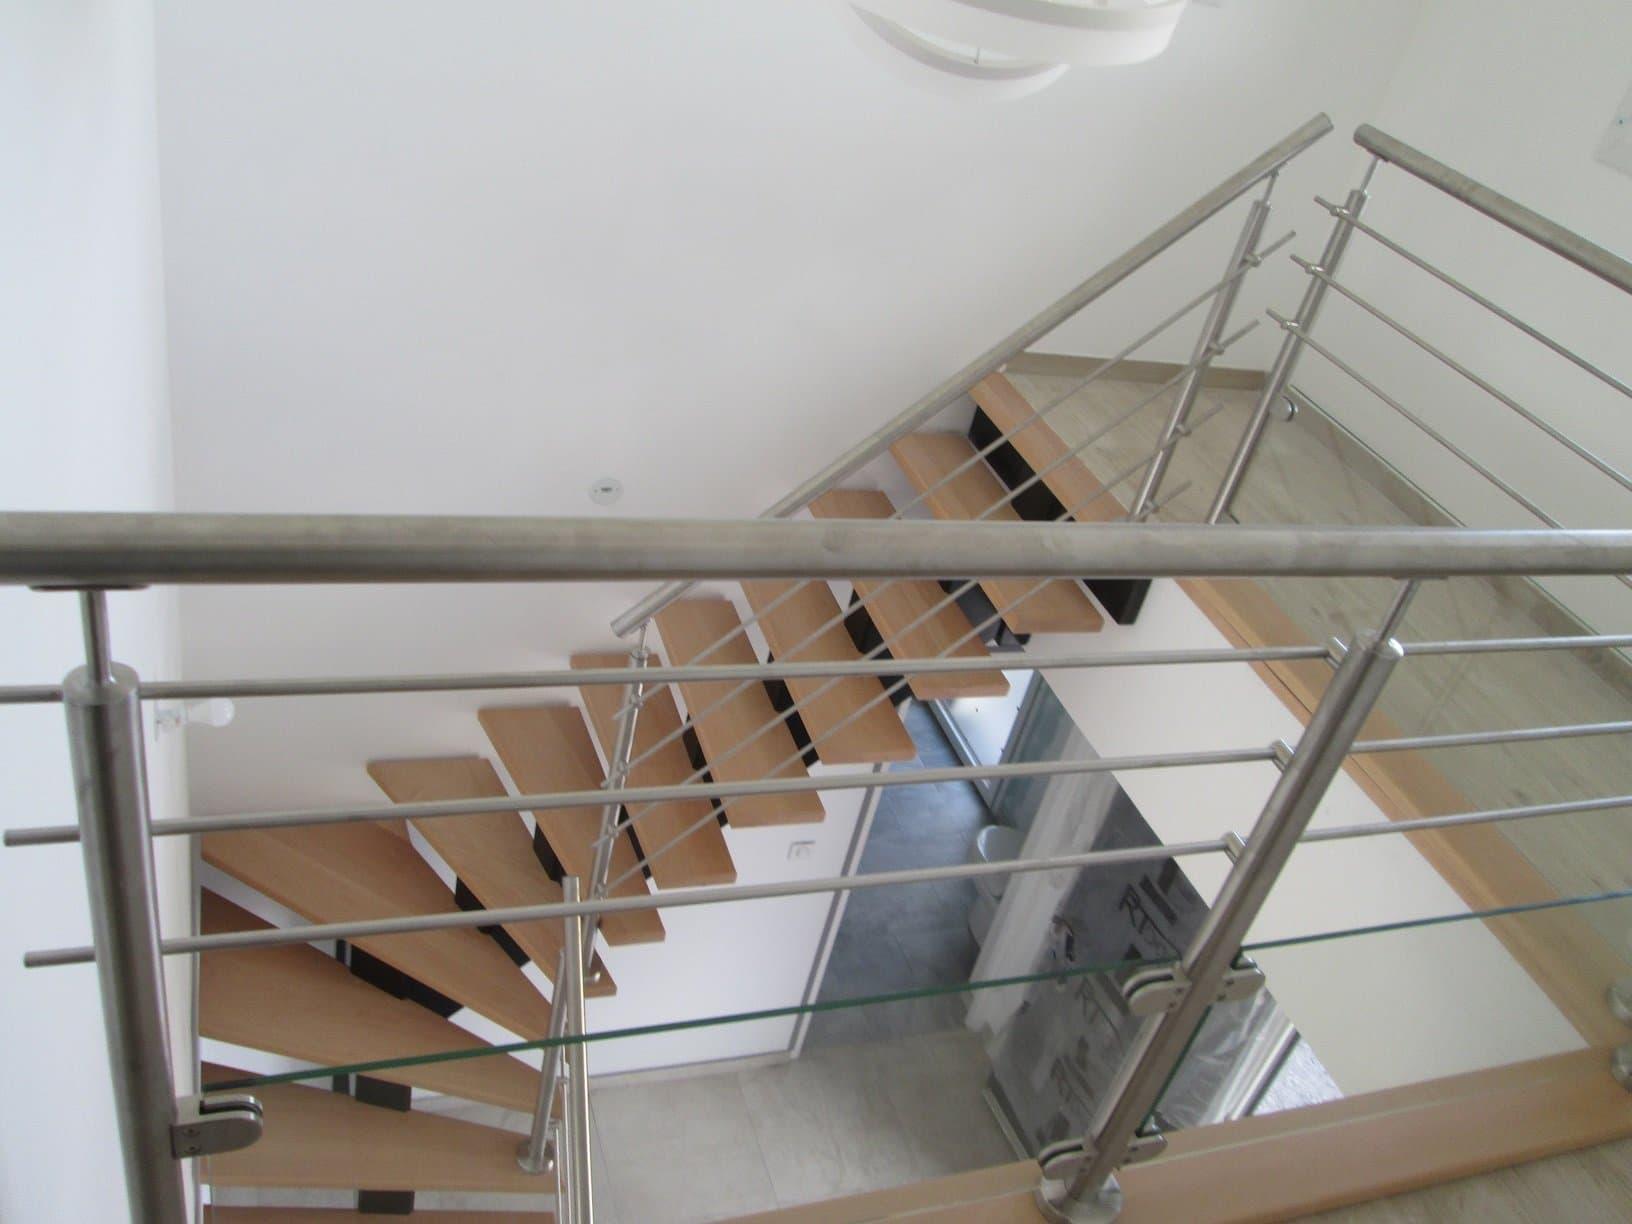 Escalier ext rieur bois m tal sur villeneuve d 39 ascq for Escalier exterieur metal